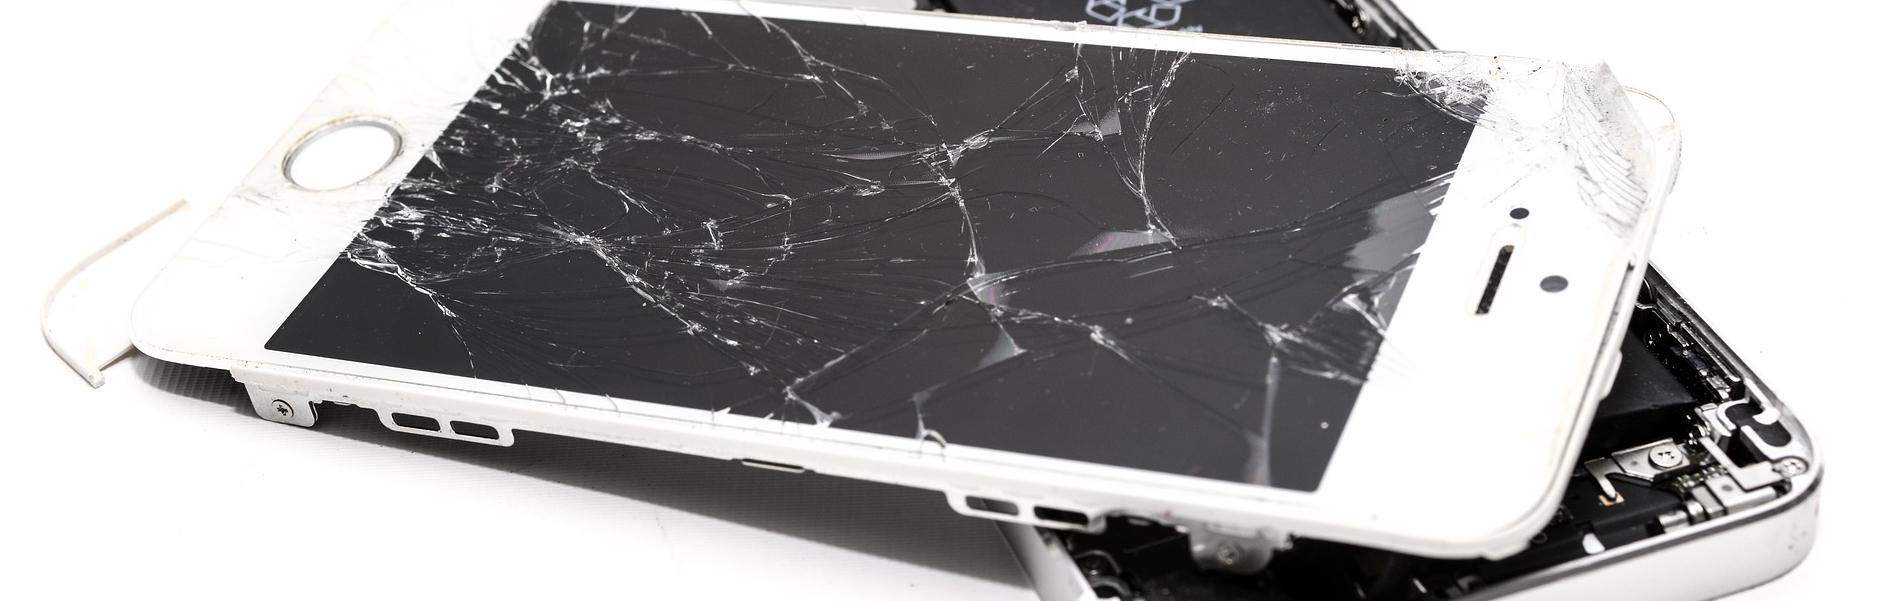 Reparation Skärmbyte eller Byta Batteri